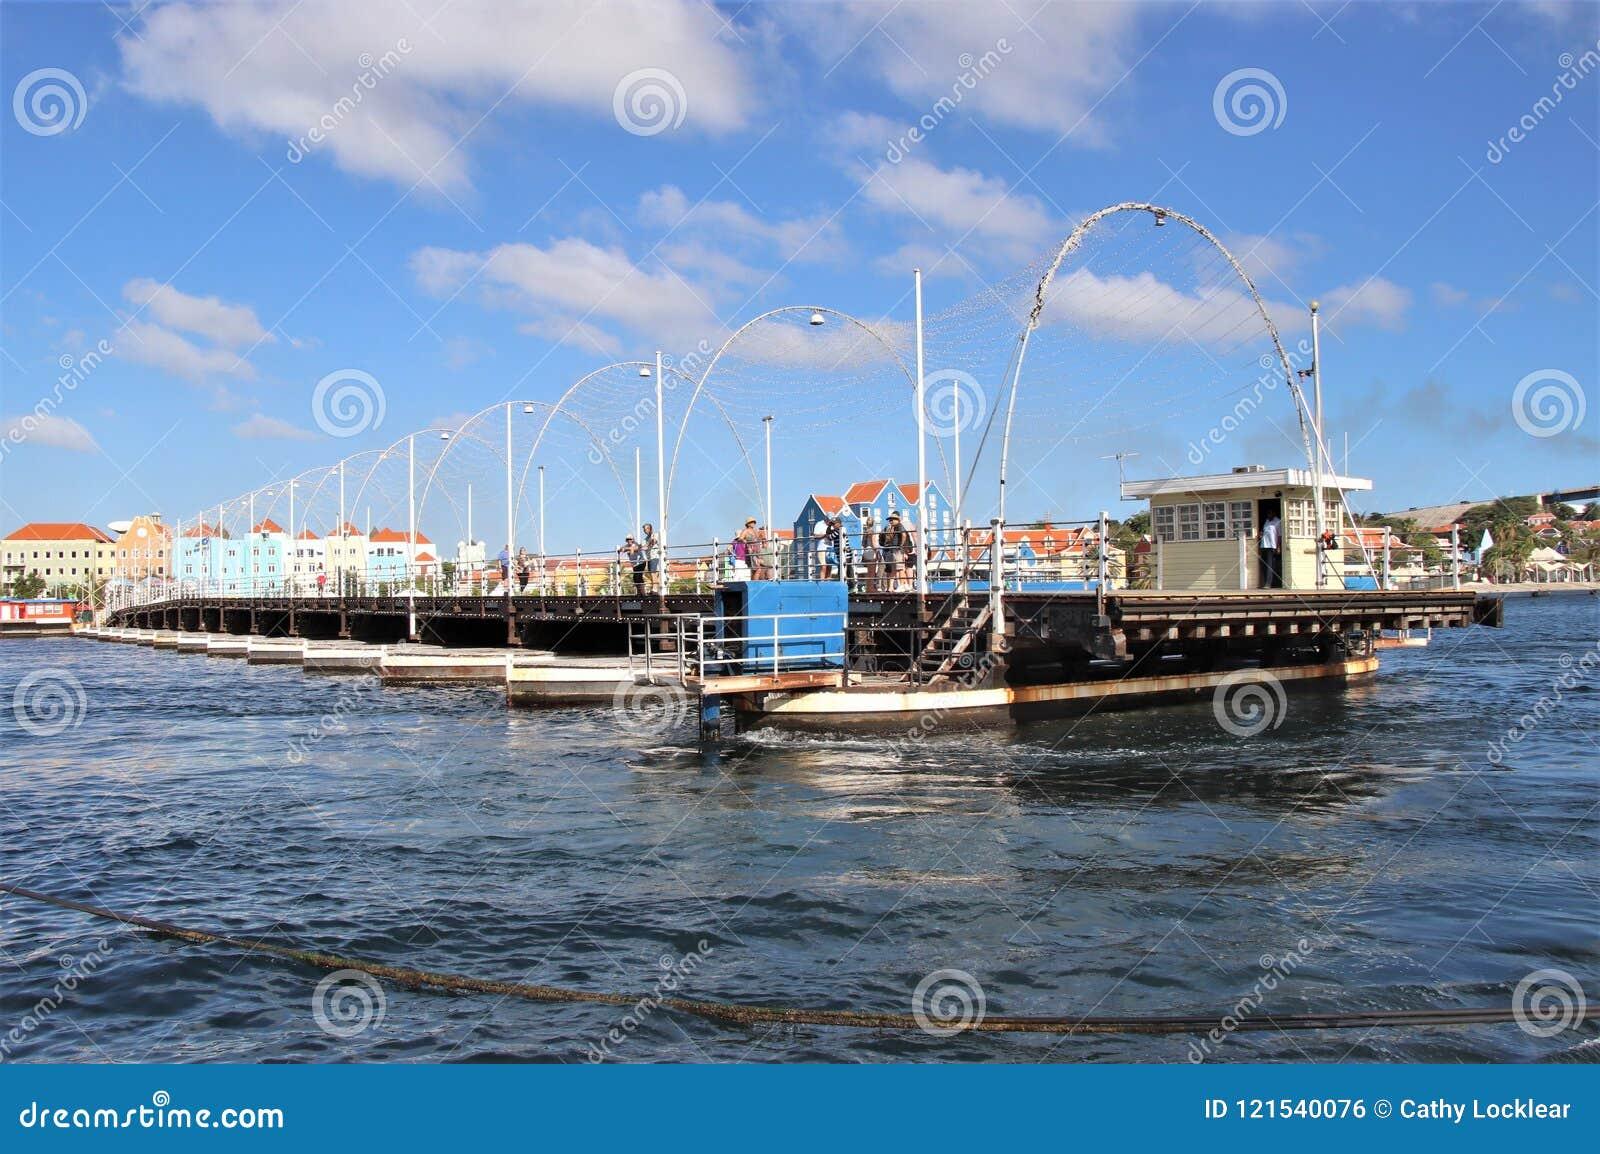 Willemstad, Curaçao - 12/17/17: Reina Emma Pontoon Bridge en Curaçao que balancea hacia fuera para permitir el paso del barco;